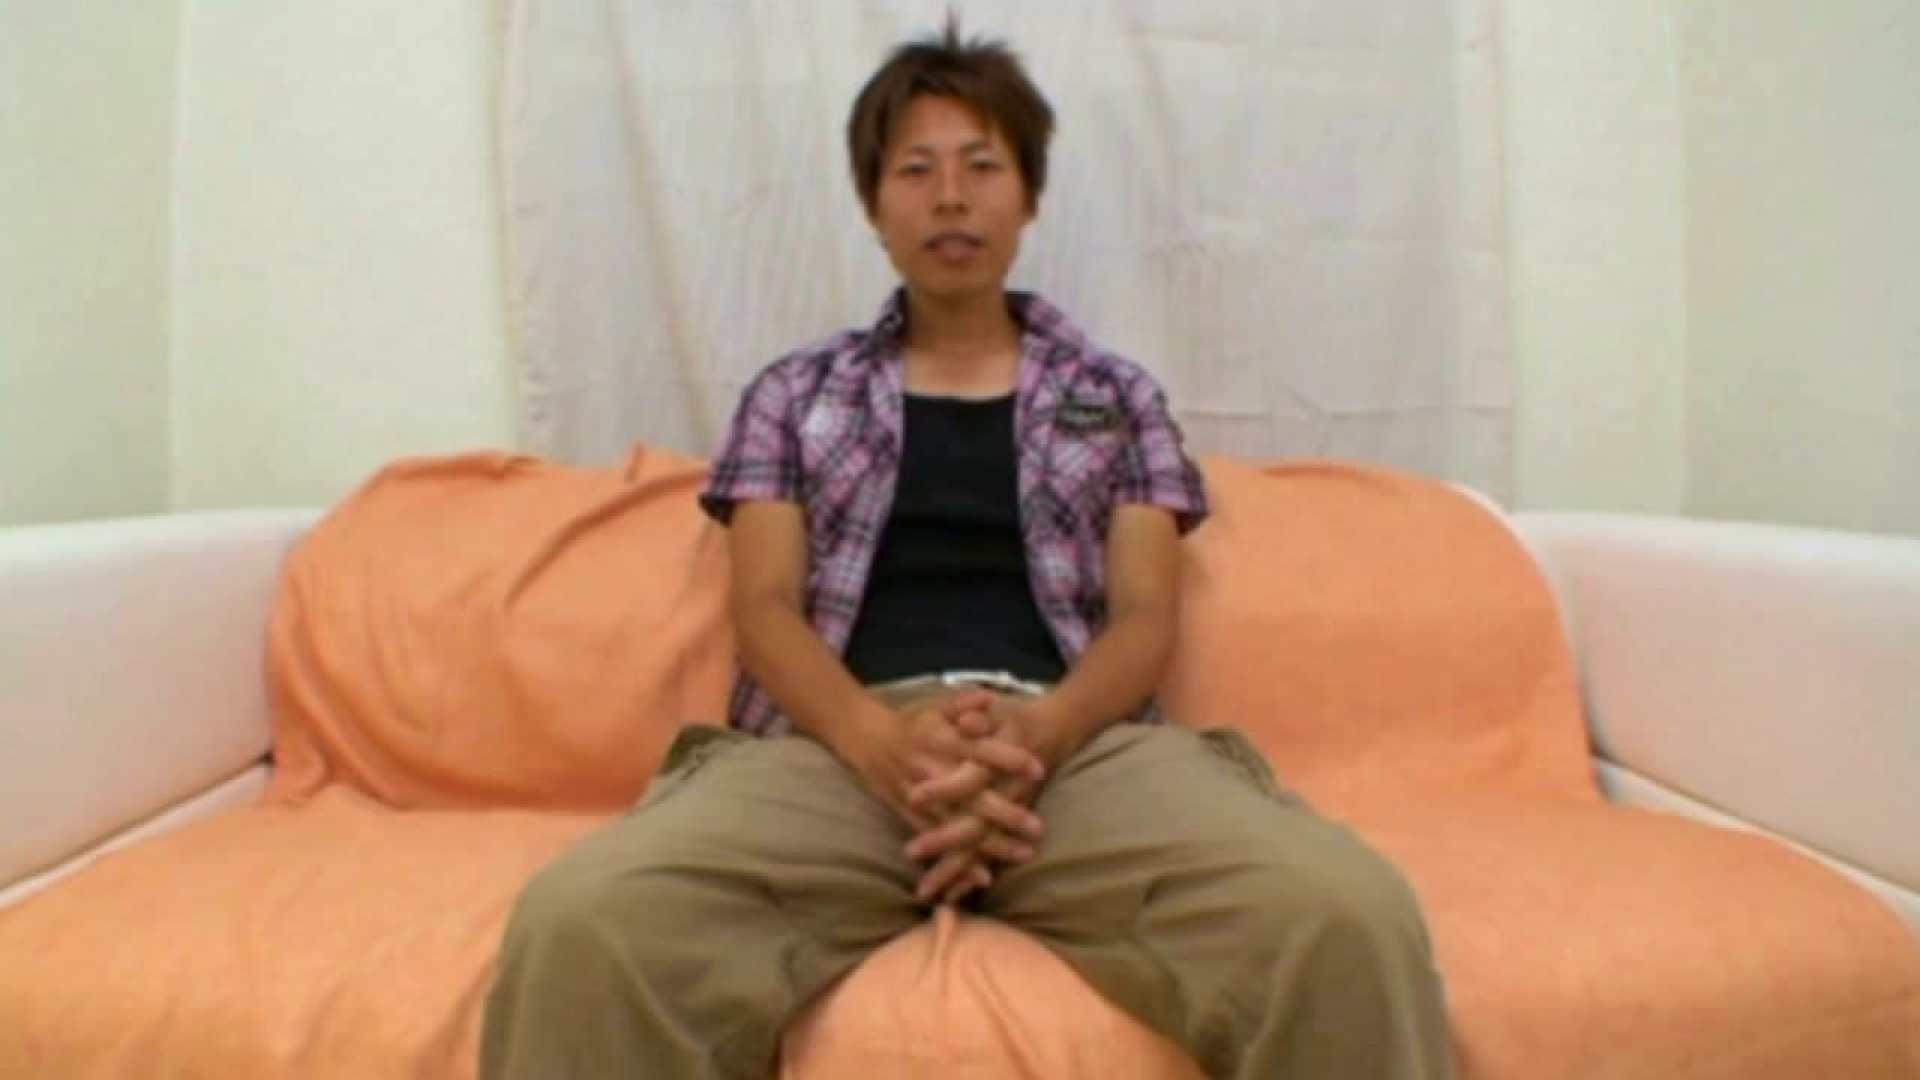 ノンケ!自慰スタジオ No.10 オナニー アダルトビデオ画像キャプチャ 113枚 81